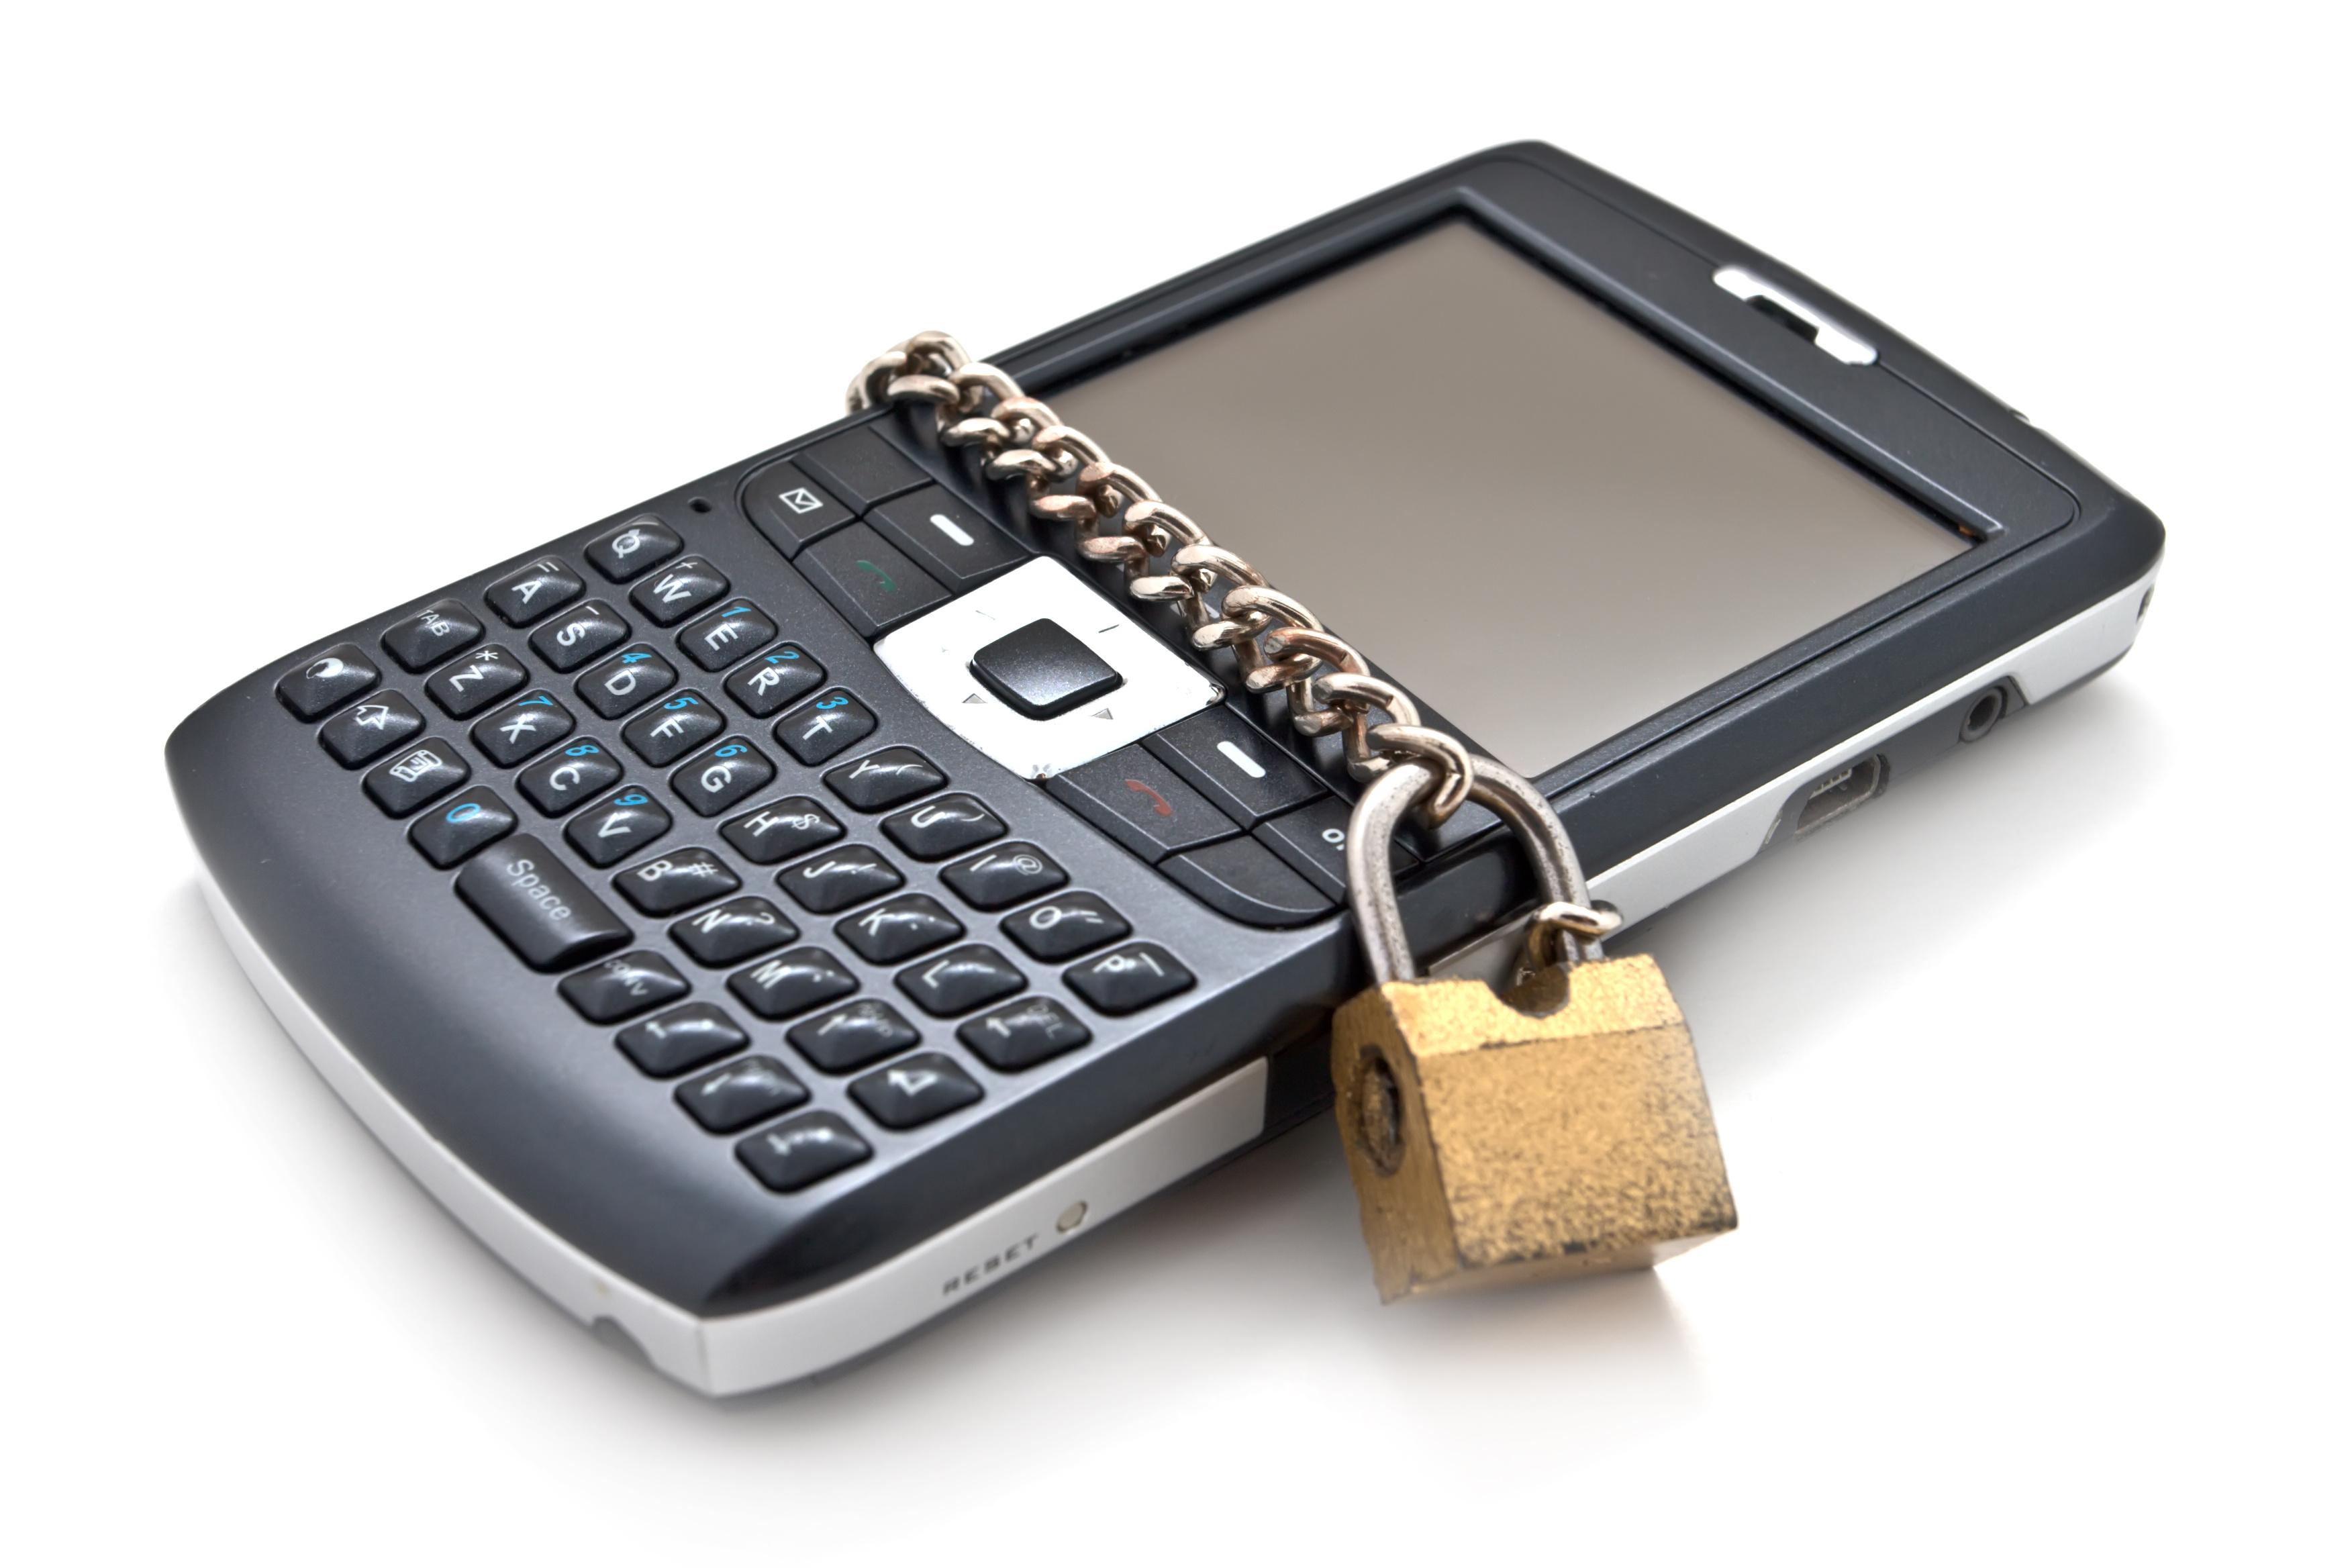 Kayıp çalıntı telefon ihbarı nasıl gerçekleşir